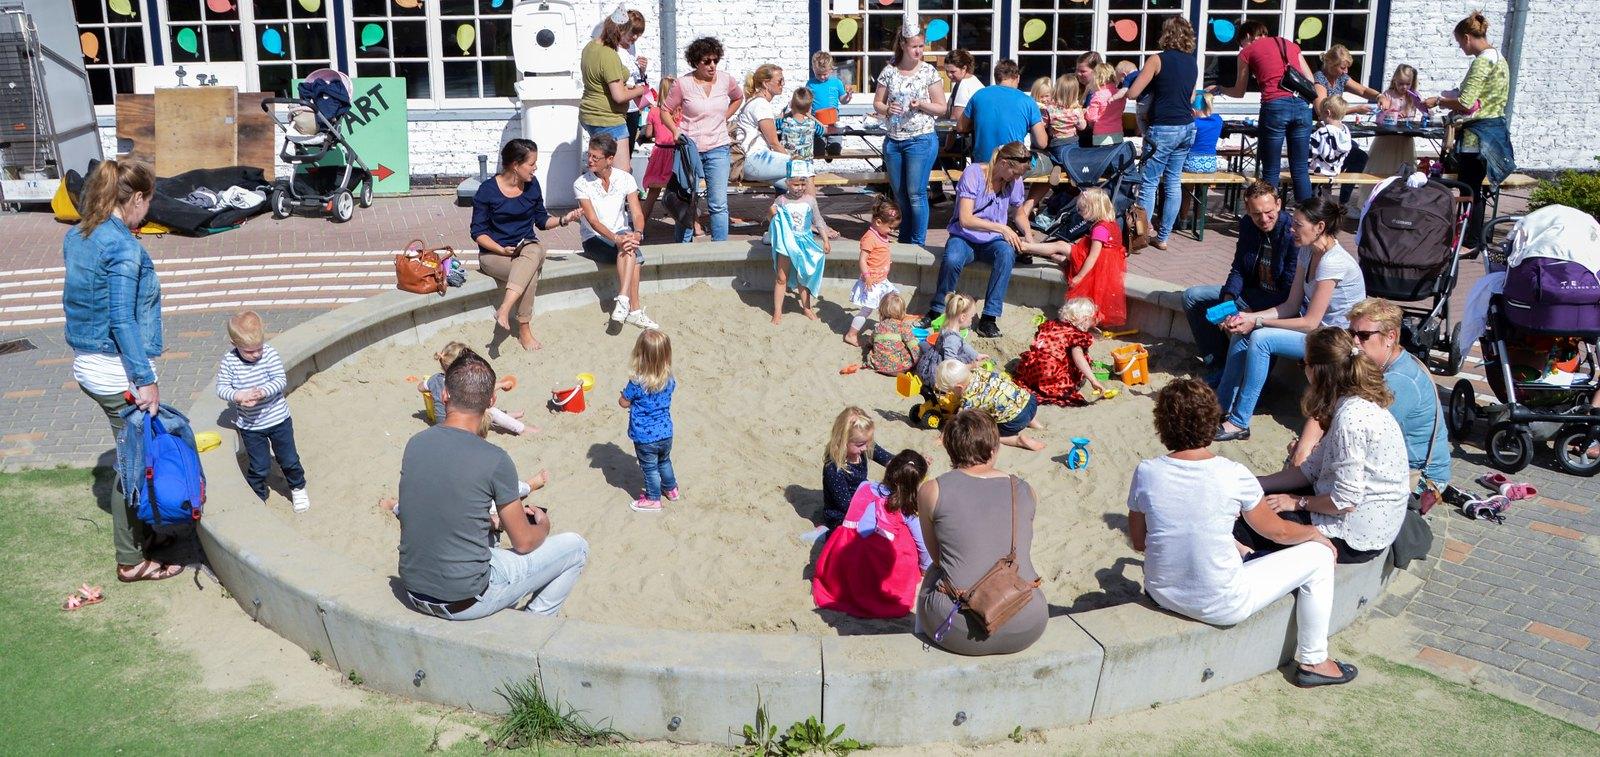 Verjaardagsfeest in het zandkasteel (58)